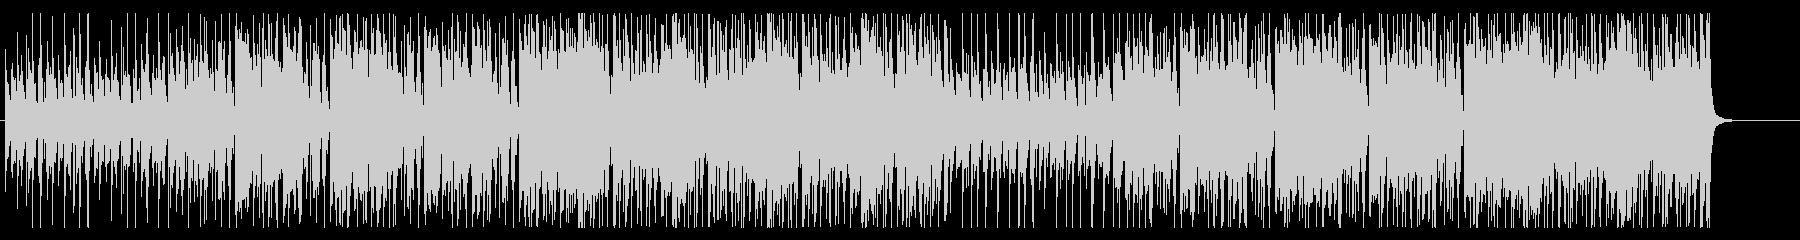 勢いがあるアップテンポで可愛いBGMの未再生の波形